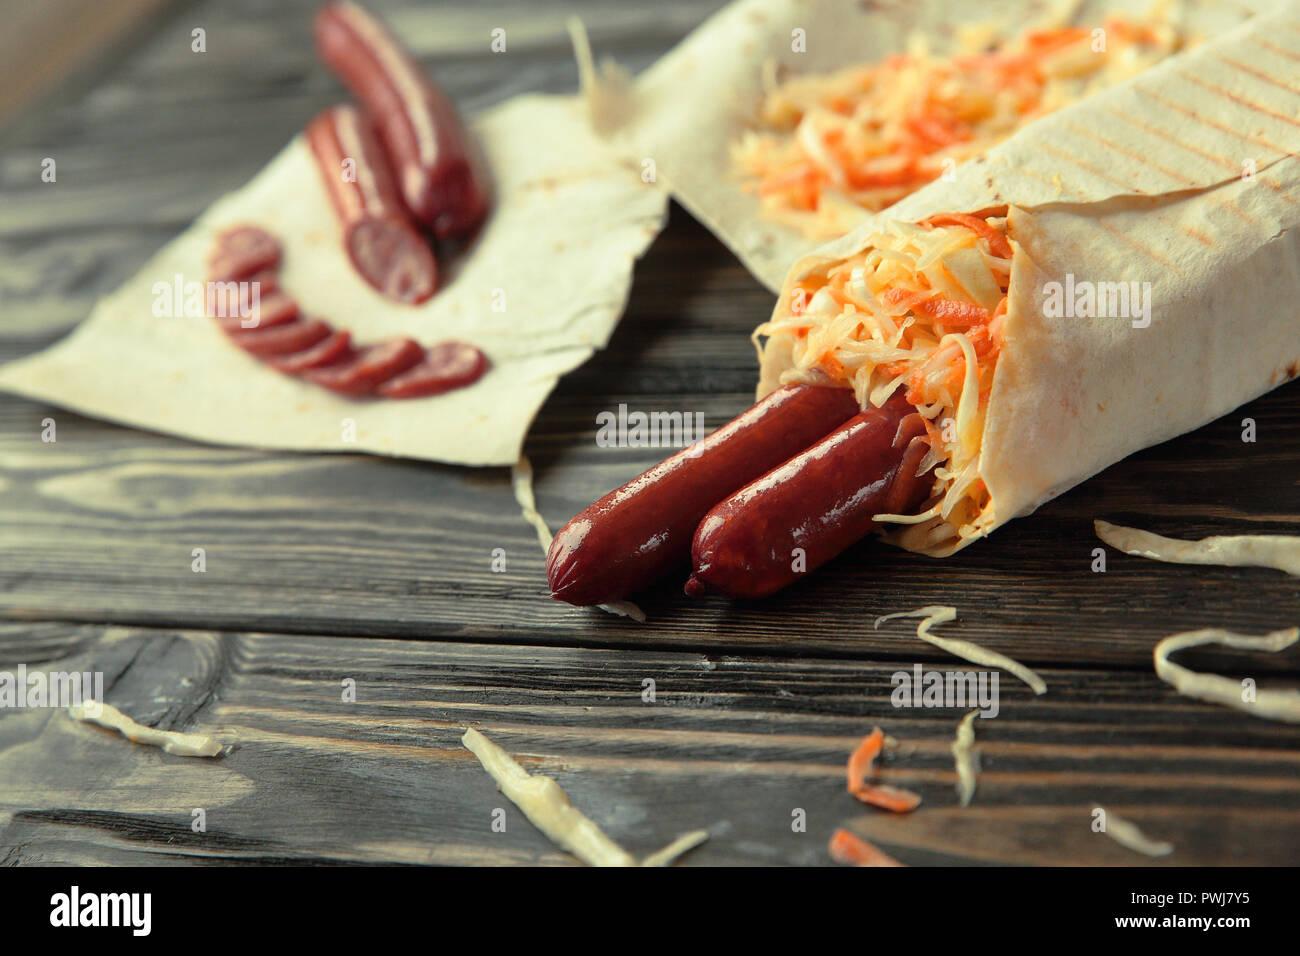 Saucisses pour le pain pita.photo with copy space Banque D'Images